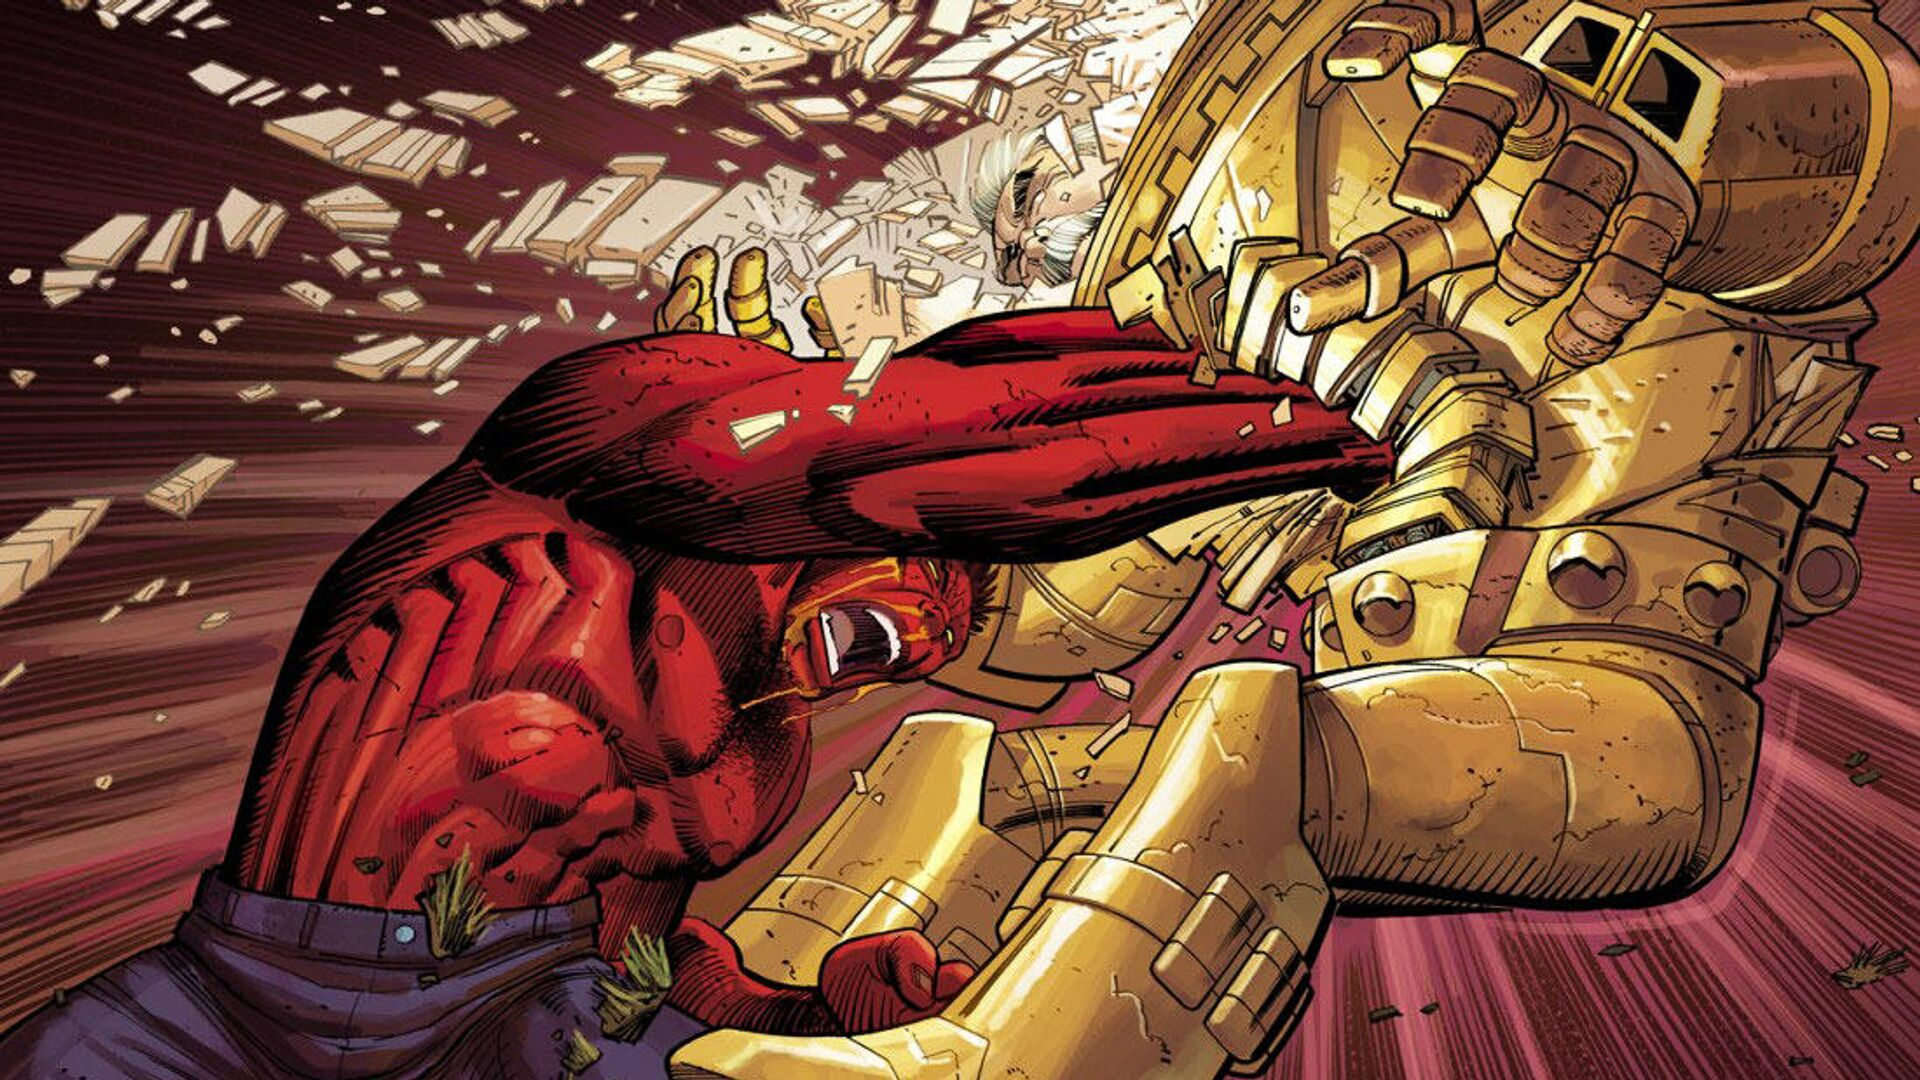 Красный Халк (Red Hulk) - РИА Новости, 1920, 13.11.2019